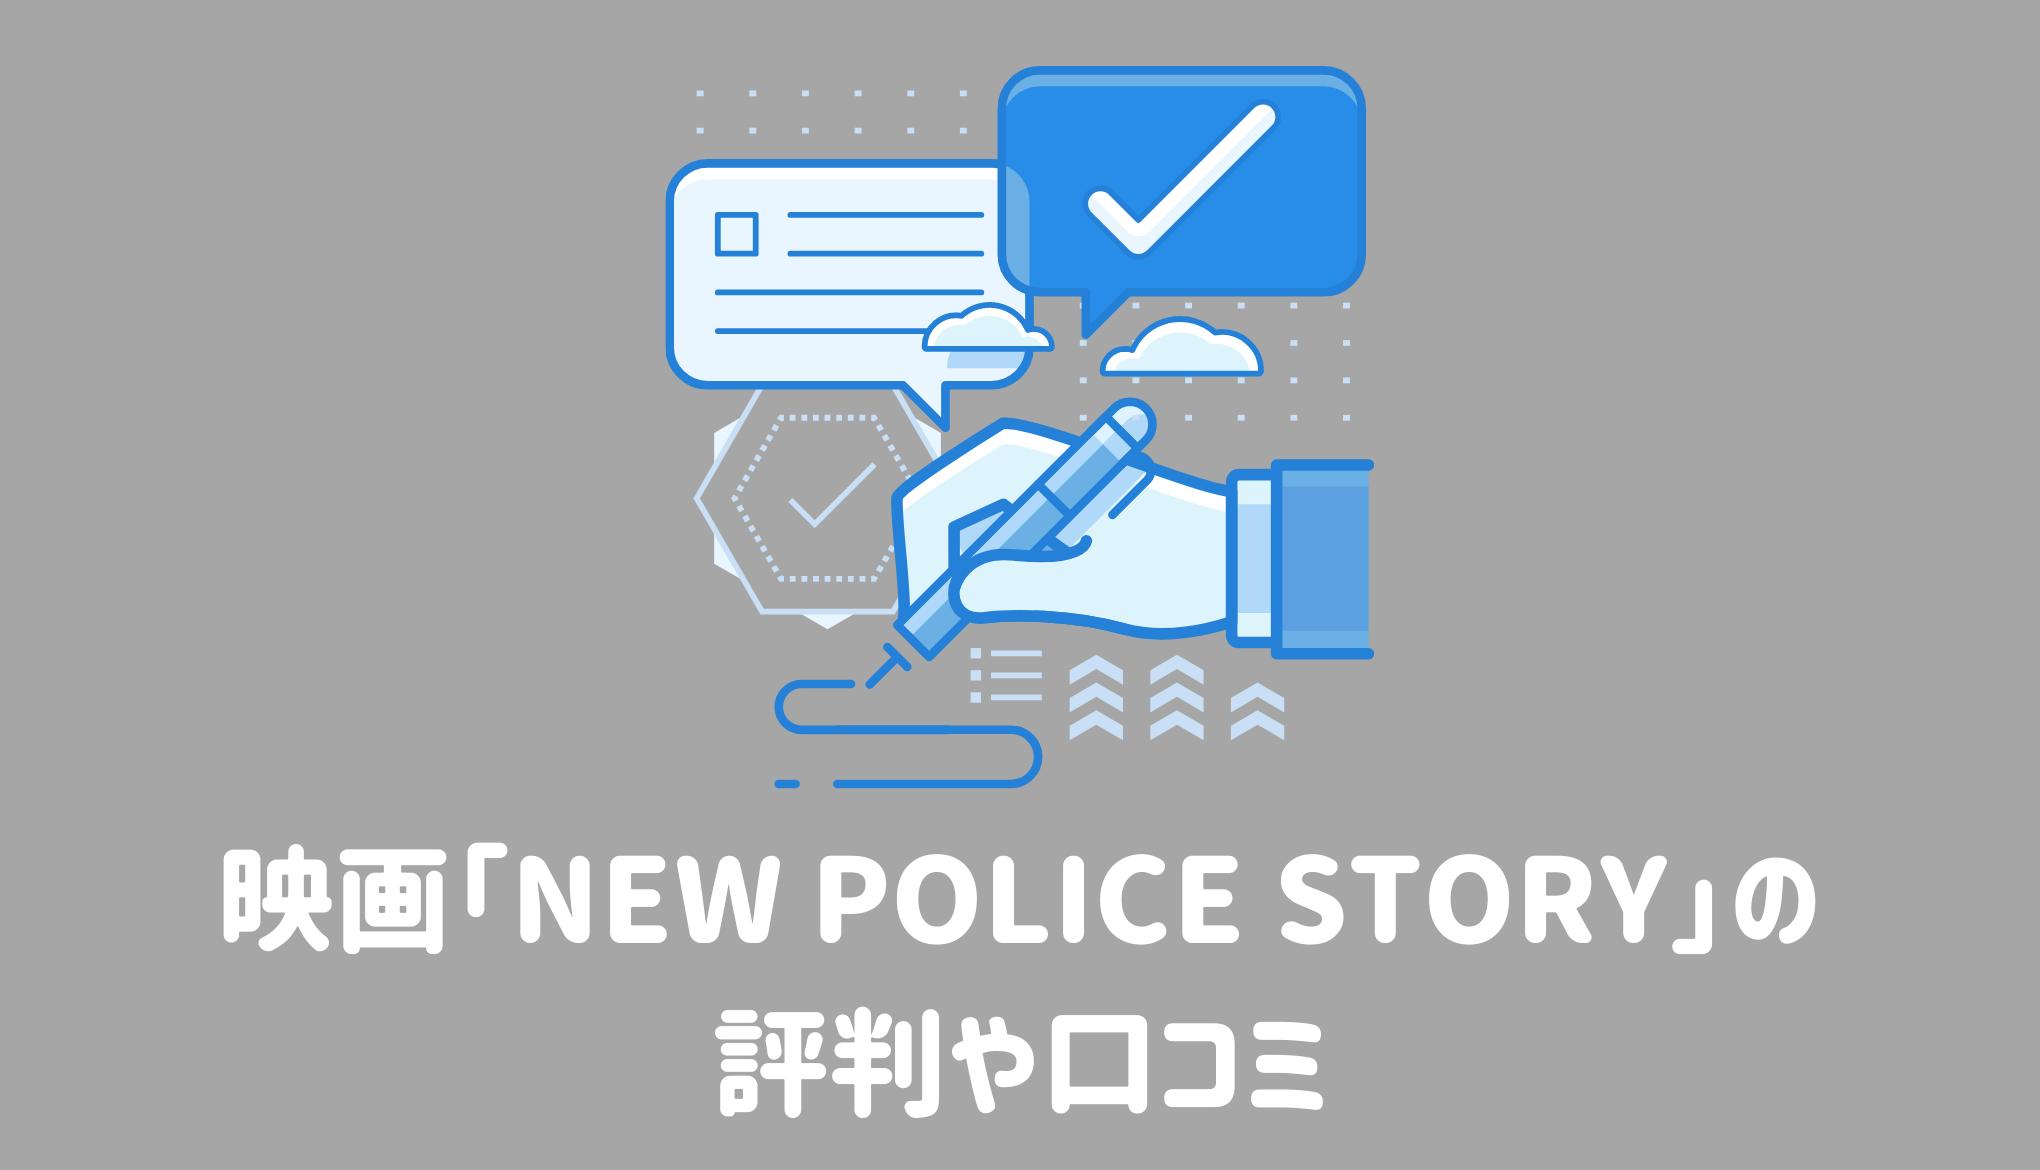 映画「香港国際警察/NEW POLICE STORY」の評判や口コミ